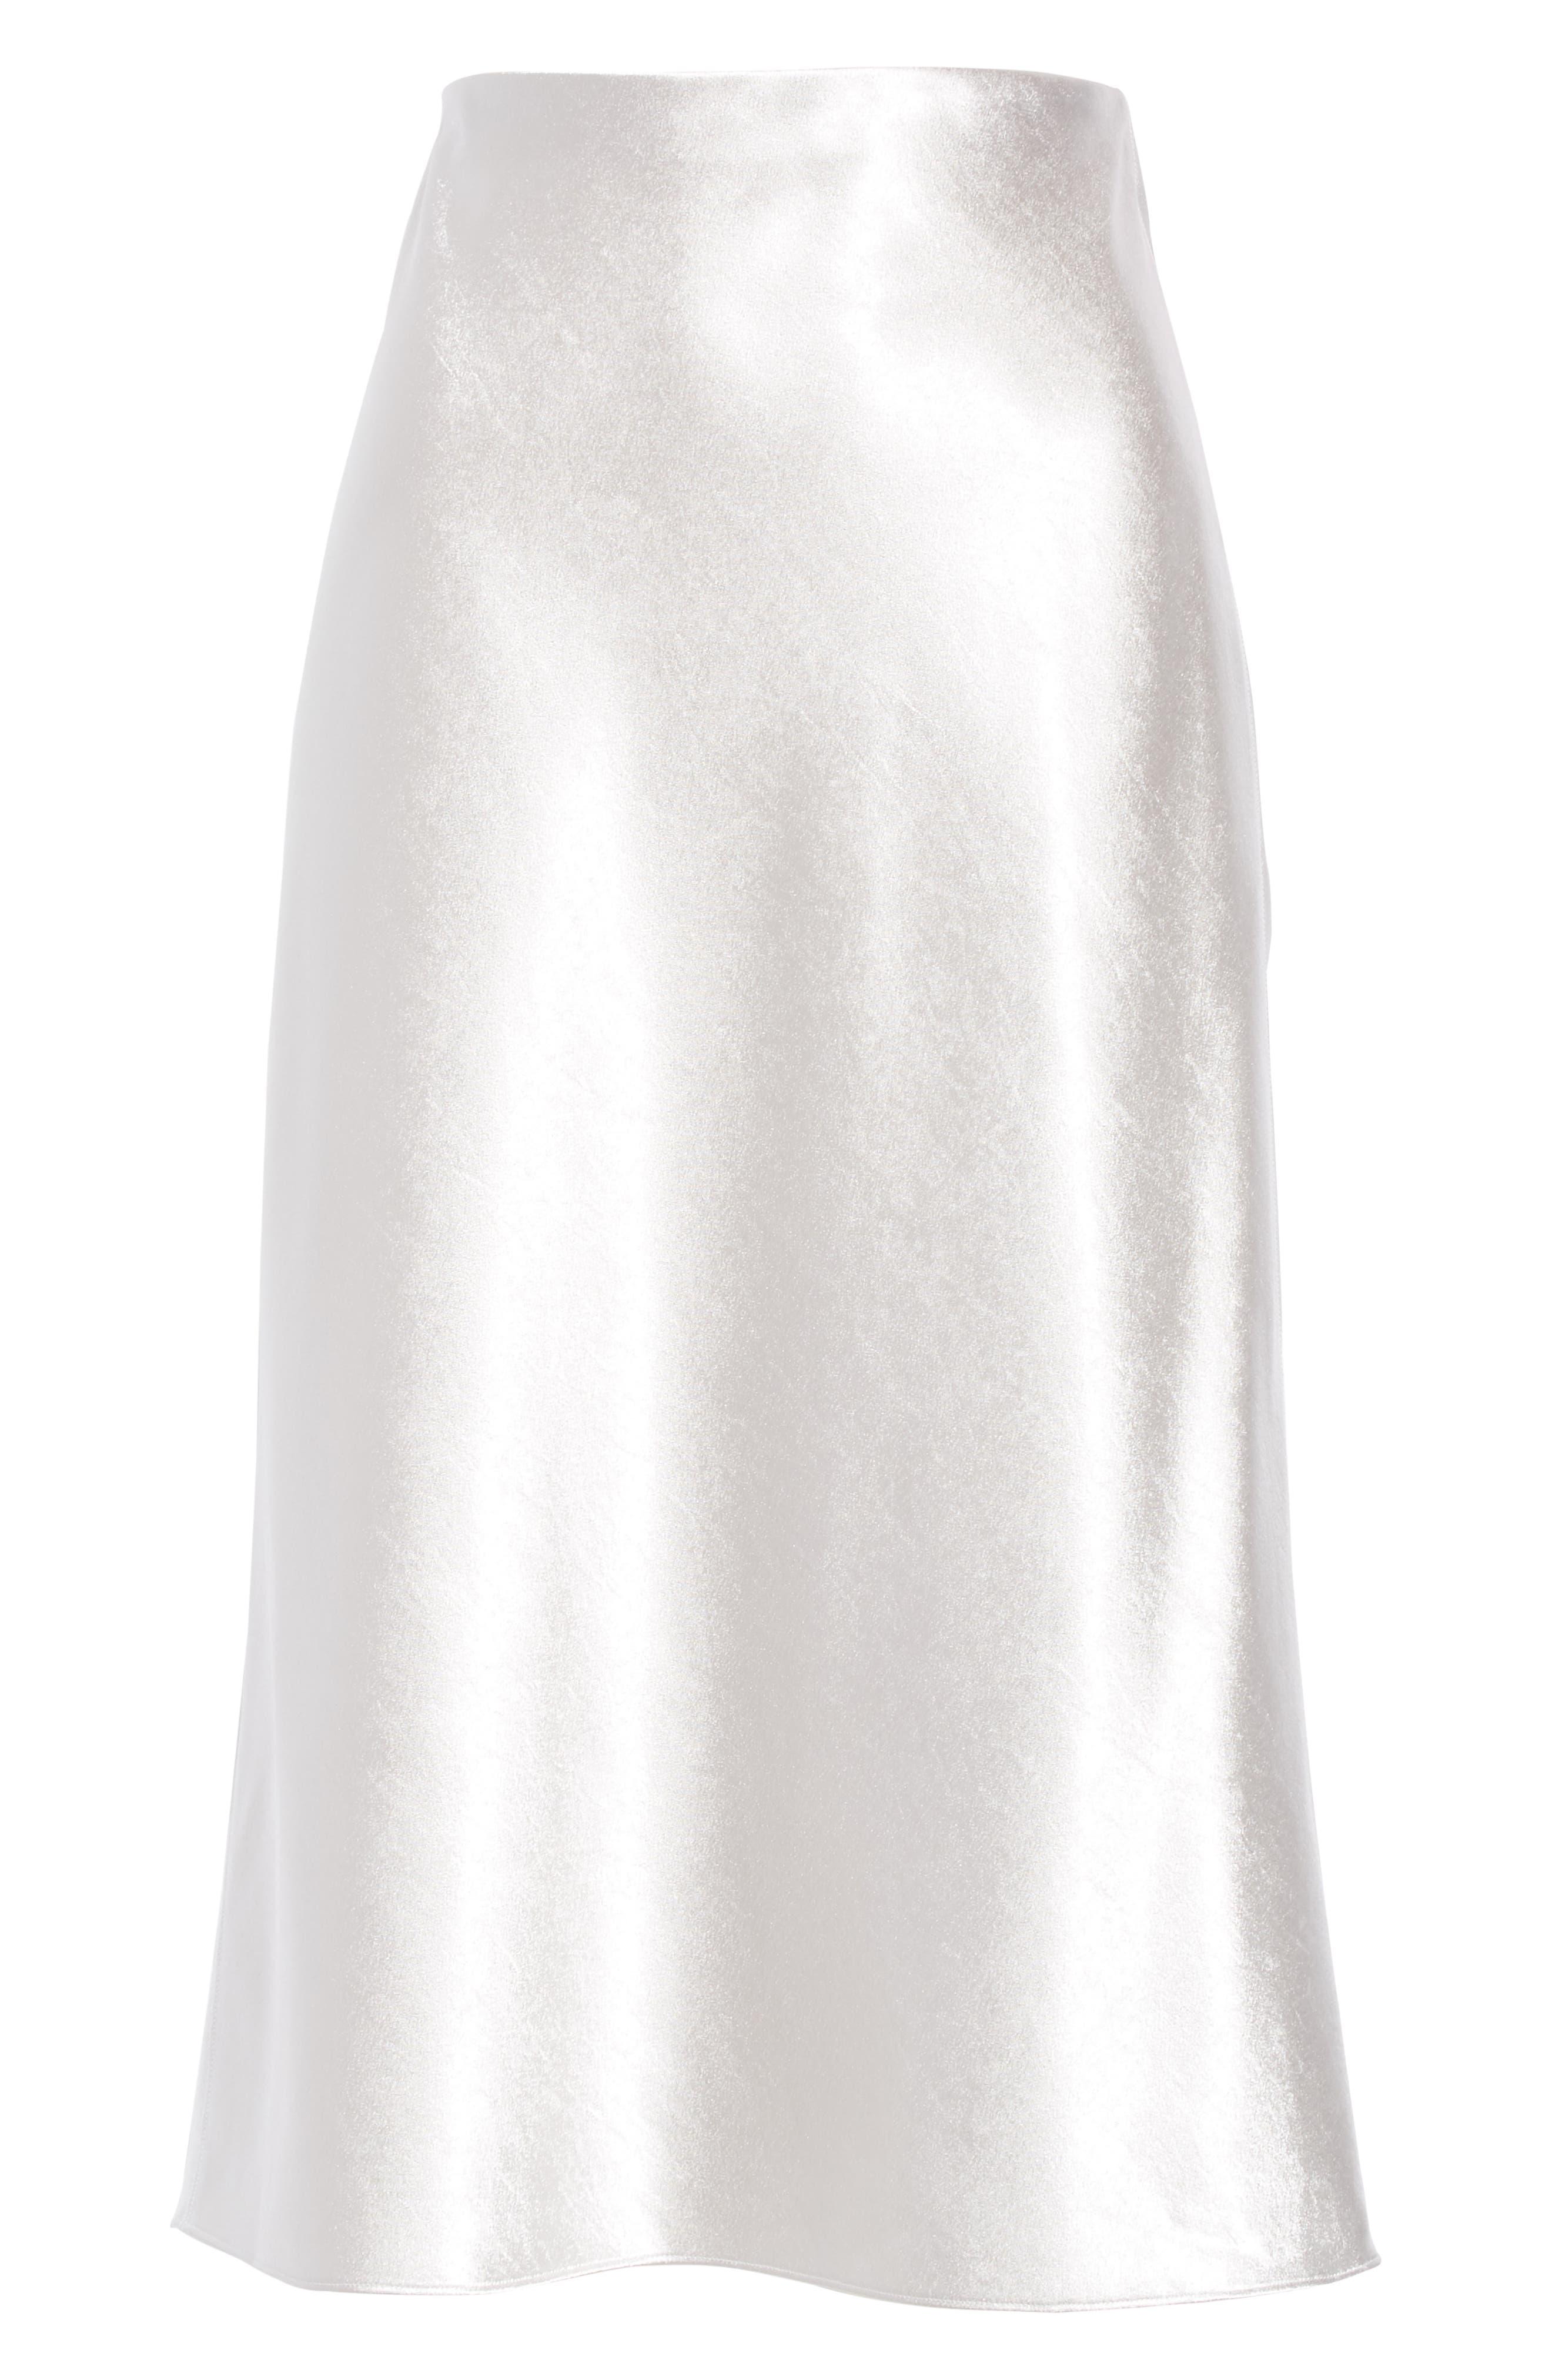 VINCE, Satin Slip Skirt, Alternate thumbnail 6, color, 043